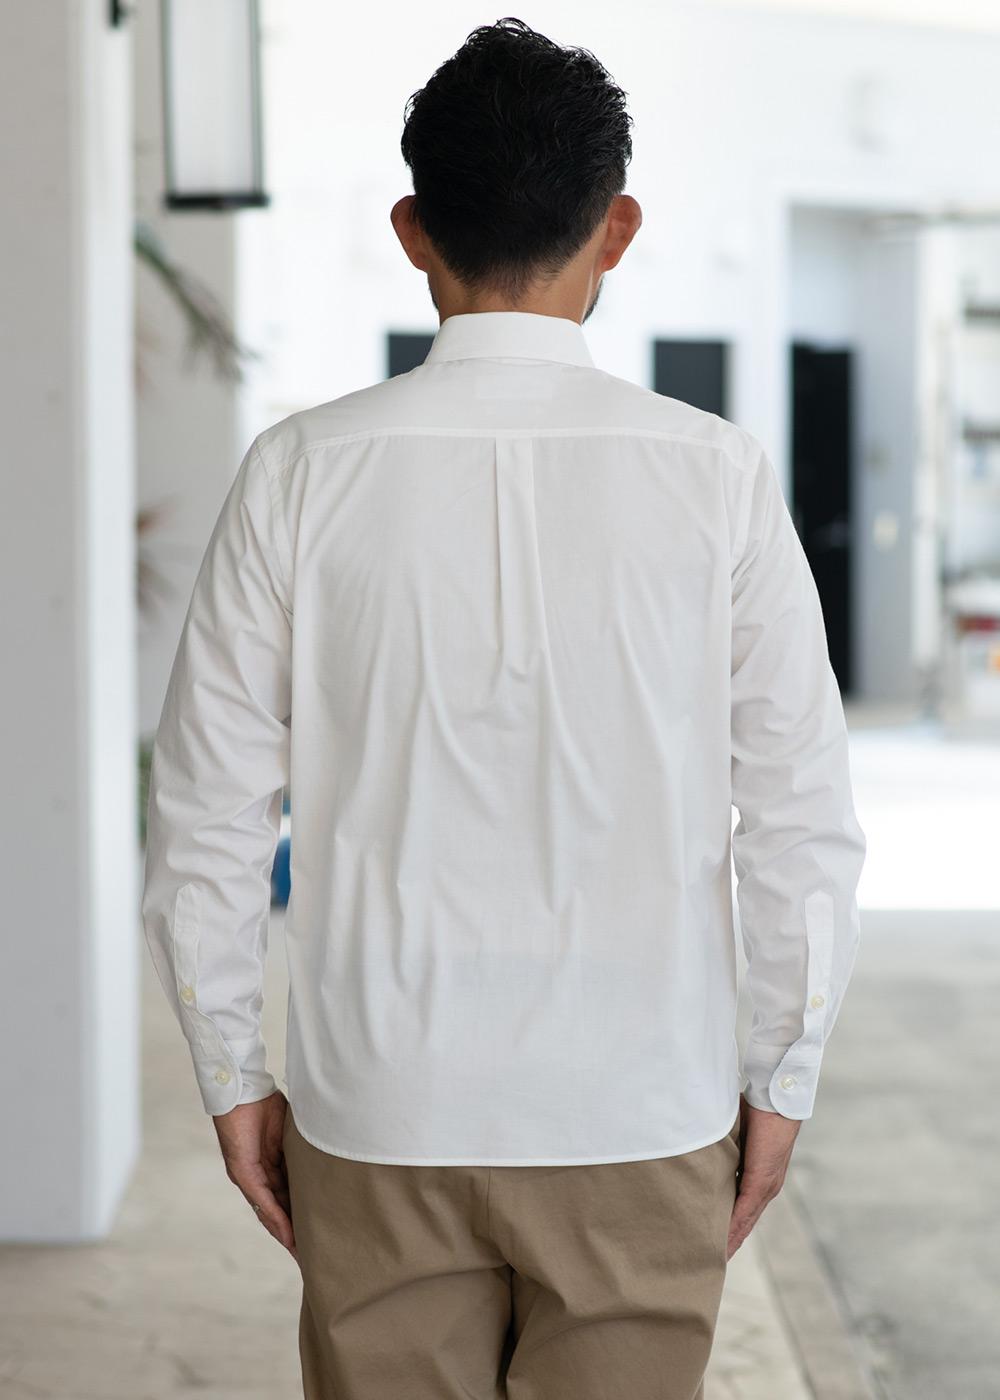 かりゆしウェア(沖縄版アロハシャツ) MAJUN - ナチュラルオーチャードビズL/S